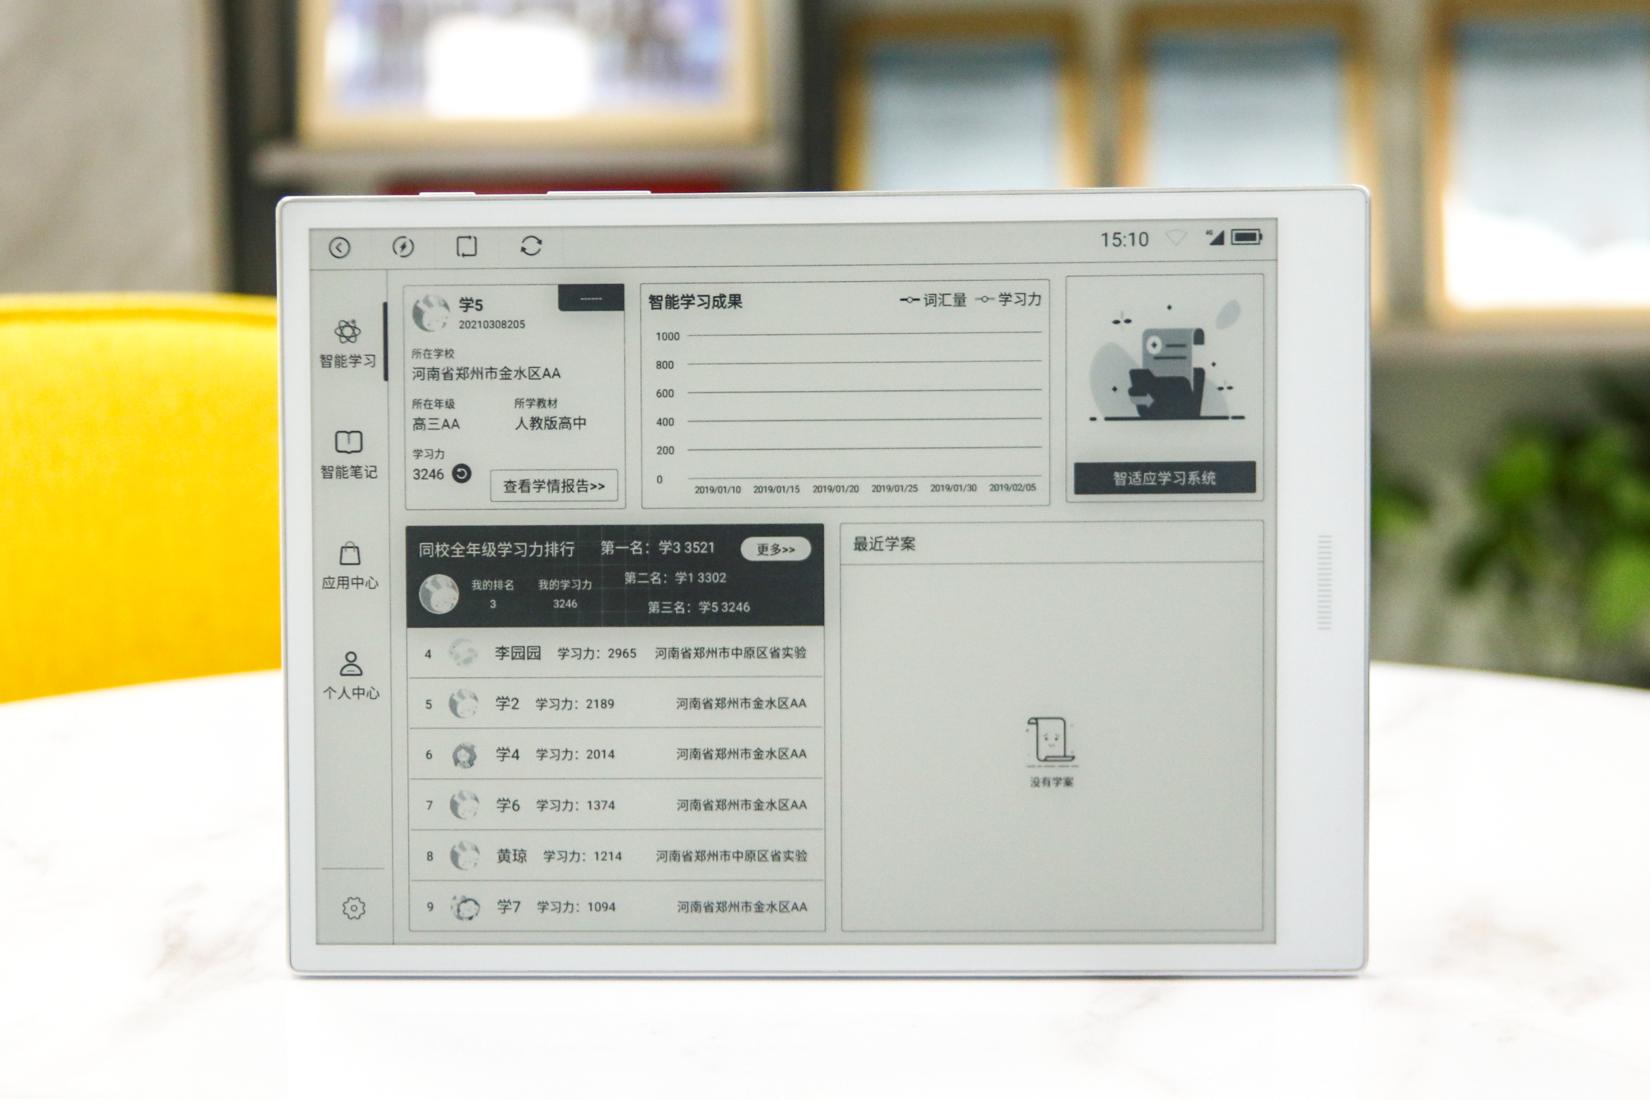 专访云劭博创始人魏同:这会是一个被软硬件结合定义的教育新时代